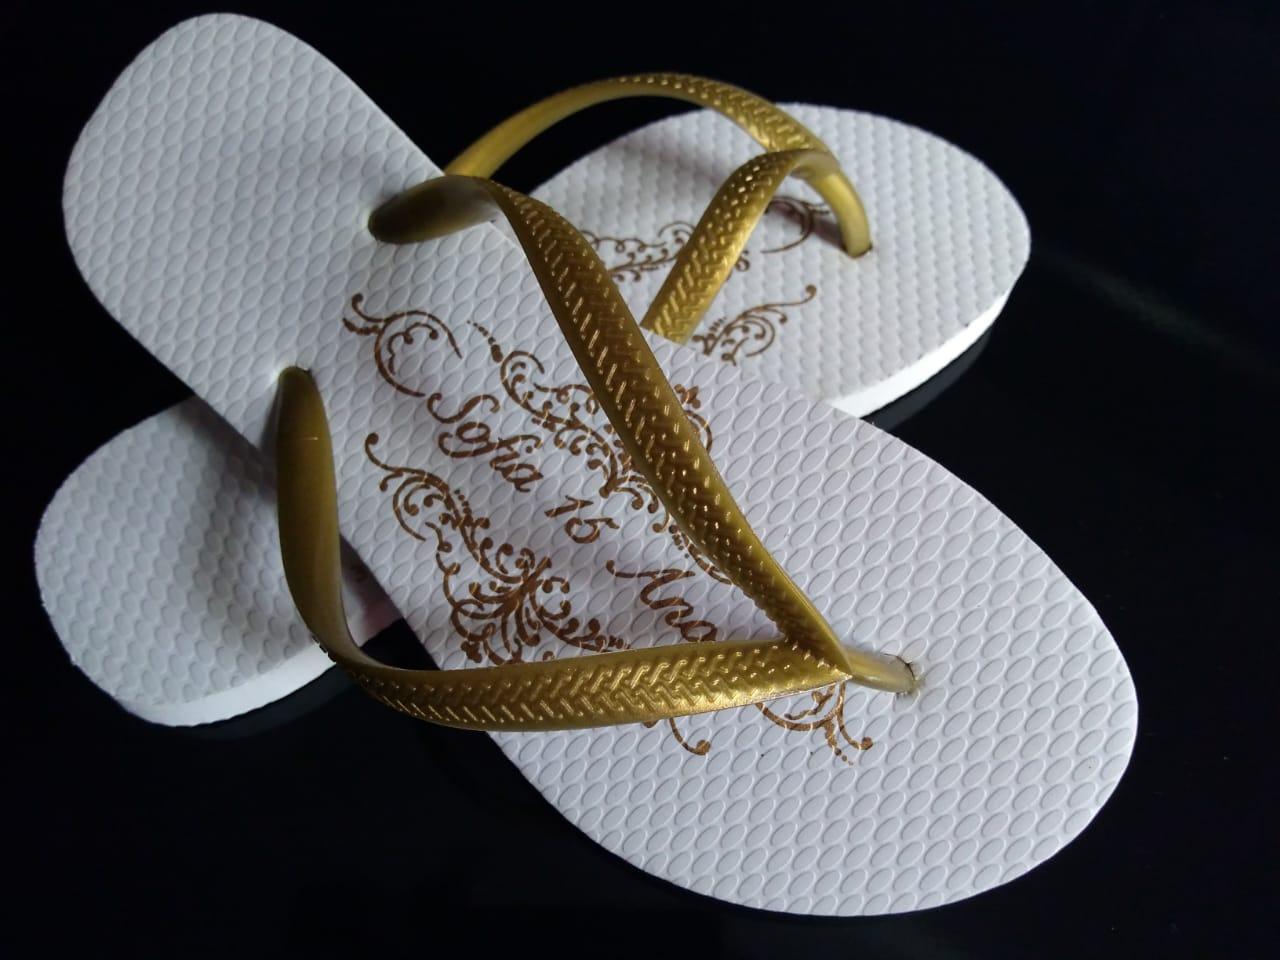 Chinelo feminino slim personalizado + vale conforto - 100 pares (FRETE GRÁTIS PARA MG/RJ/SP)  - Persona Guardanapos & Cia